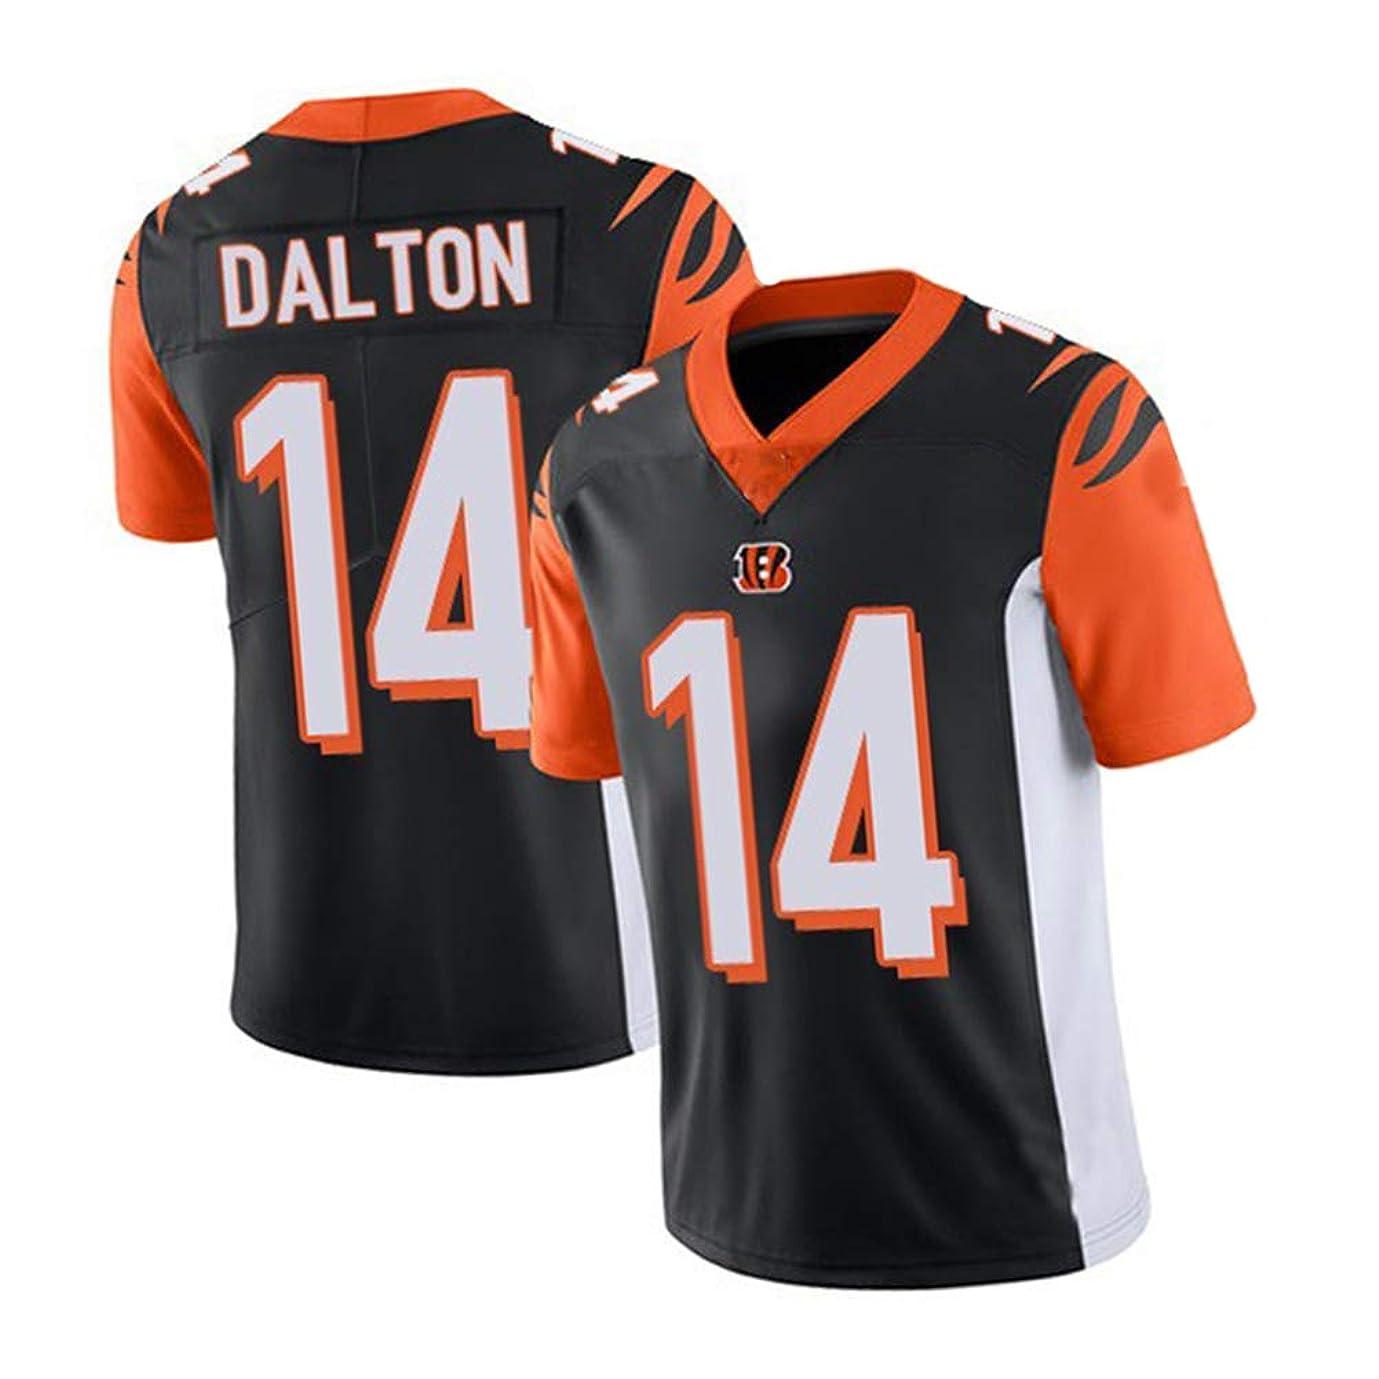 再撮り乗算コンソールダルトン (Dalton) 14#ベンガルズメンズラグビージャージー、パフォーマンスラグビージャージー-ポリエステルブラックとオレンジの半袖ポロシャツ